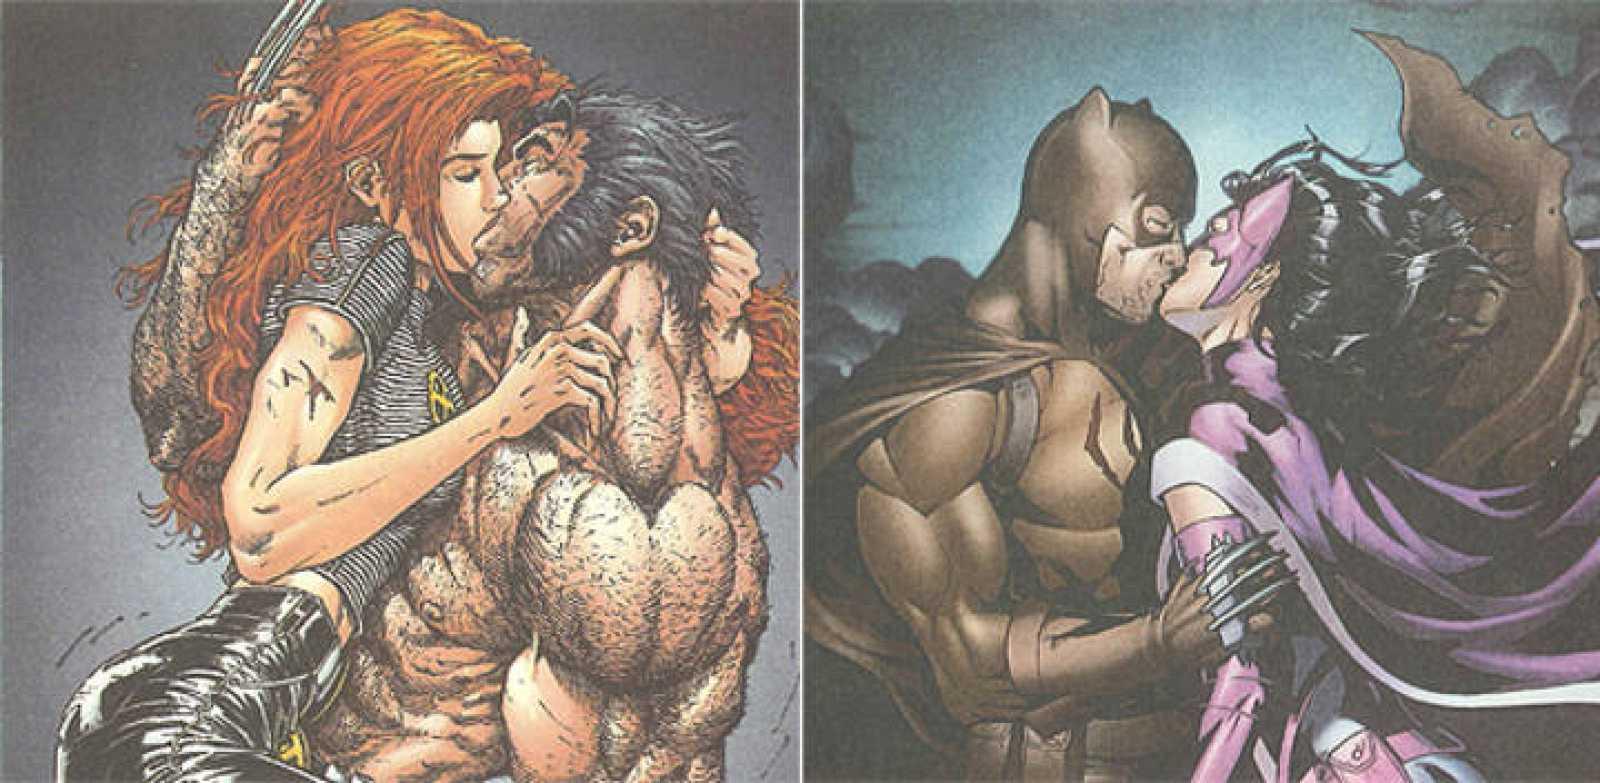 Apasionados besos de Lobezno (Marvel) y Batman (DC Comics) recogidos en la 'Enciclopedia erótica del cómic', de Luis Gasca y Roman Gubern